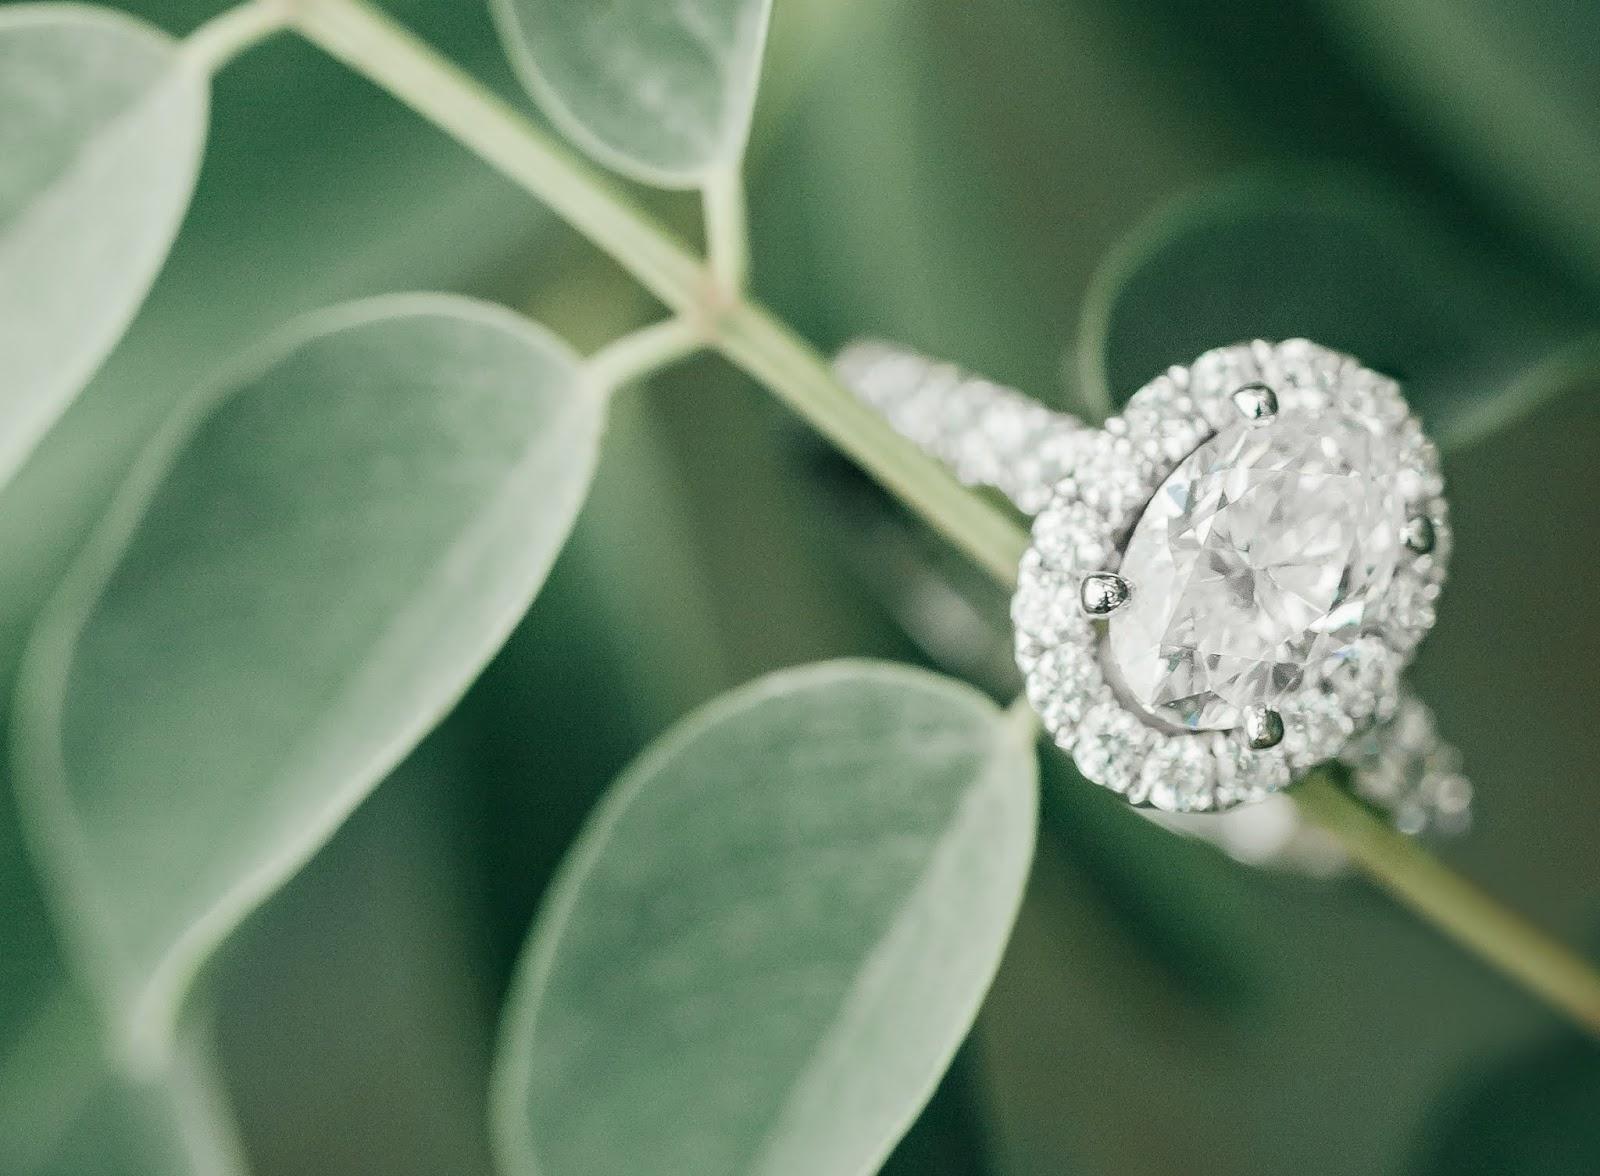 Engagement Ring Photography-Bonney Lake Wedding Photographers-Something Minted